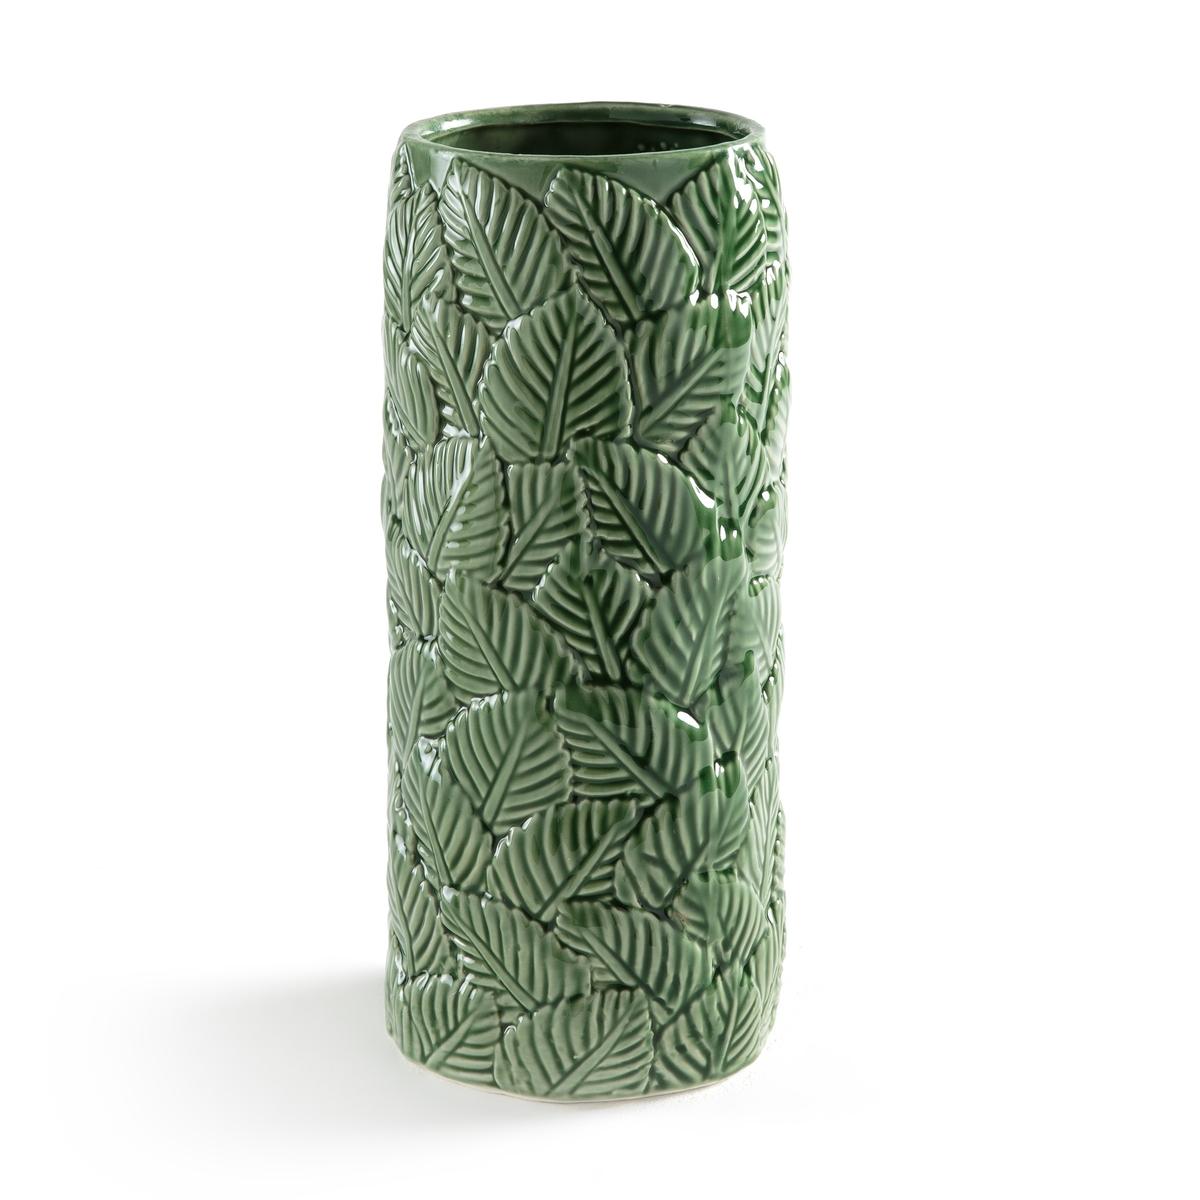 Ваза из фаянса, CATALPAОписание:Ваза из фаянса CATALPA. Ваза с красивым рельефным узором листья подчеркнет любой букет .Описание вазы CATALPA :Рельефный узор листьяХарактеристики вазы CATALPA :Фаянс с эмалированным покрытиемРазмеры вазы CATALPA :Диаметр : 14 см Высота: 33 см<br><br>Цвет: зеленый